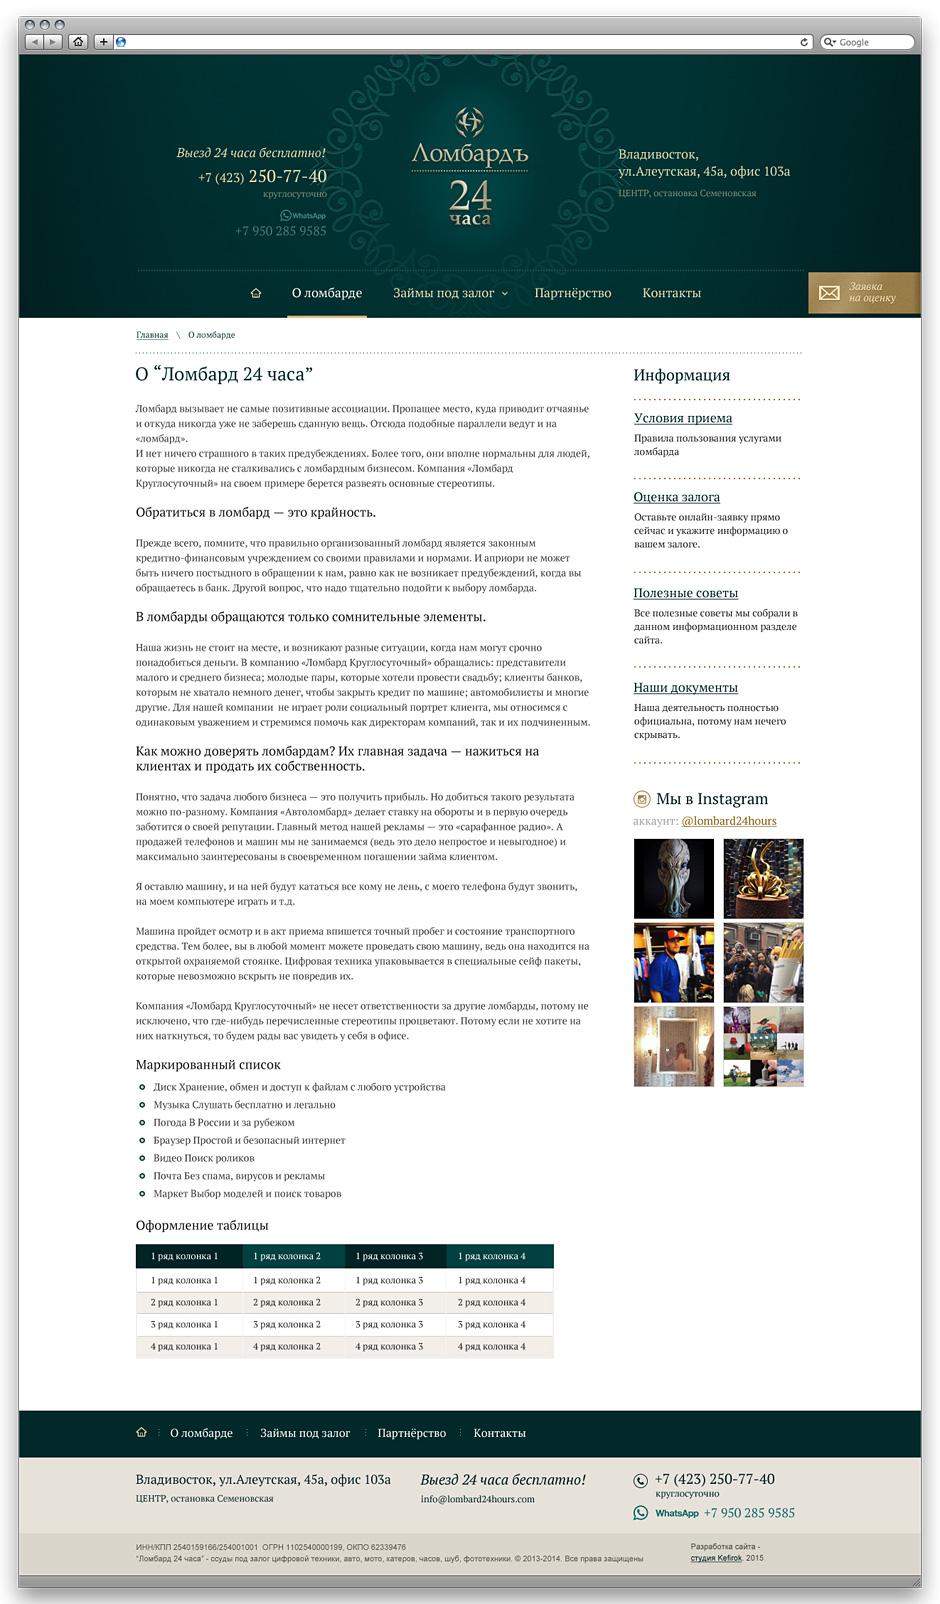 Веб -дизайн во Владивостоке с адресами, телефонами и отзывами